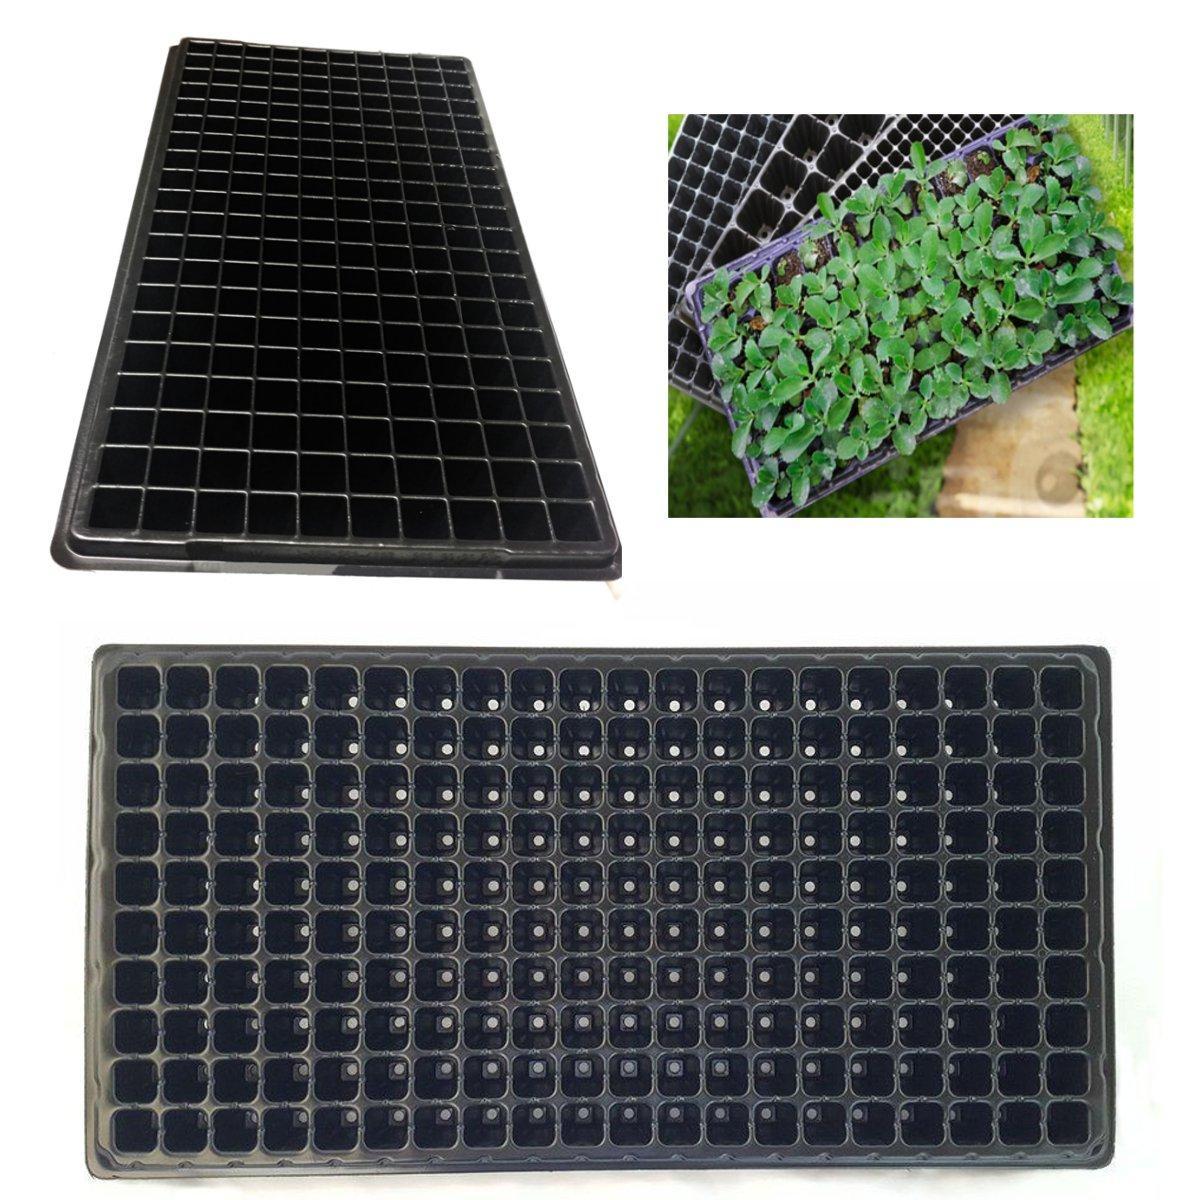 200 Furos Plantio sementes Crescer Caixa Inserir Propagação Berçário Semeadura Inicial